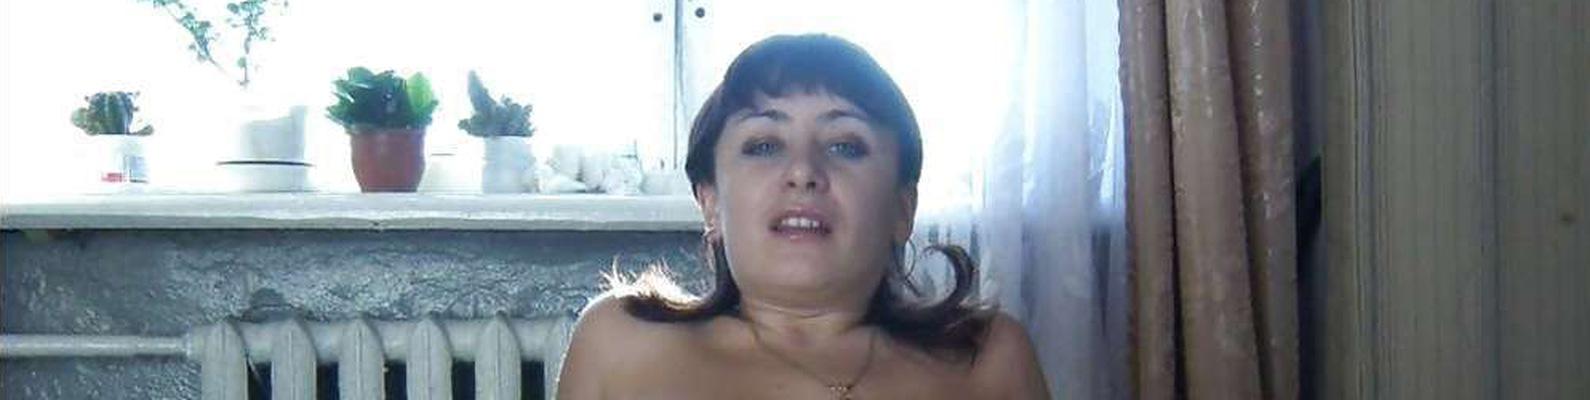 Порно зрелые белгород, секс юли с двумя мужиками видео